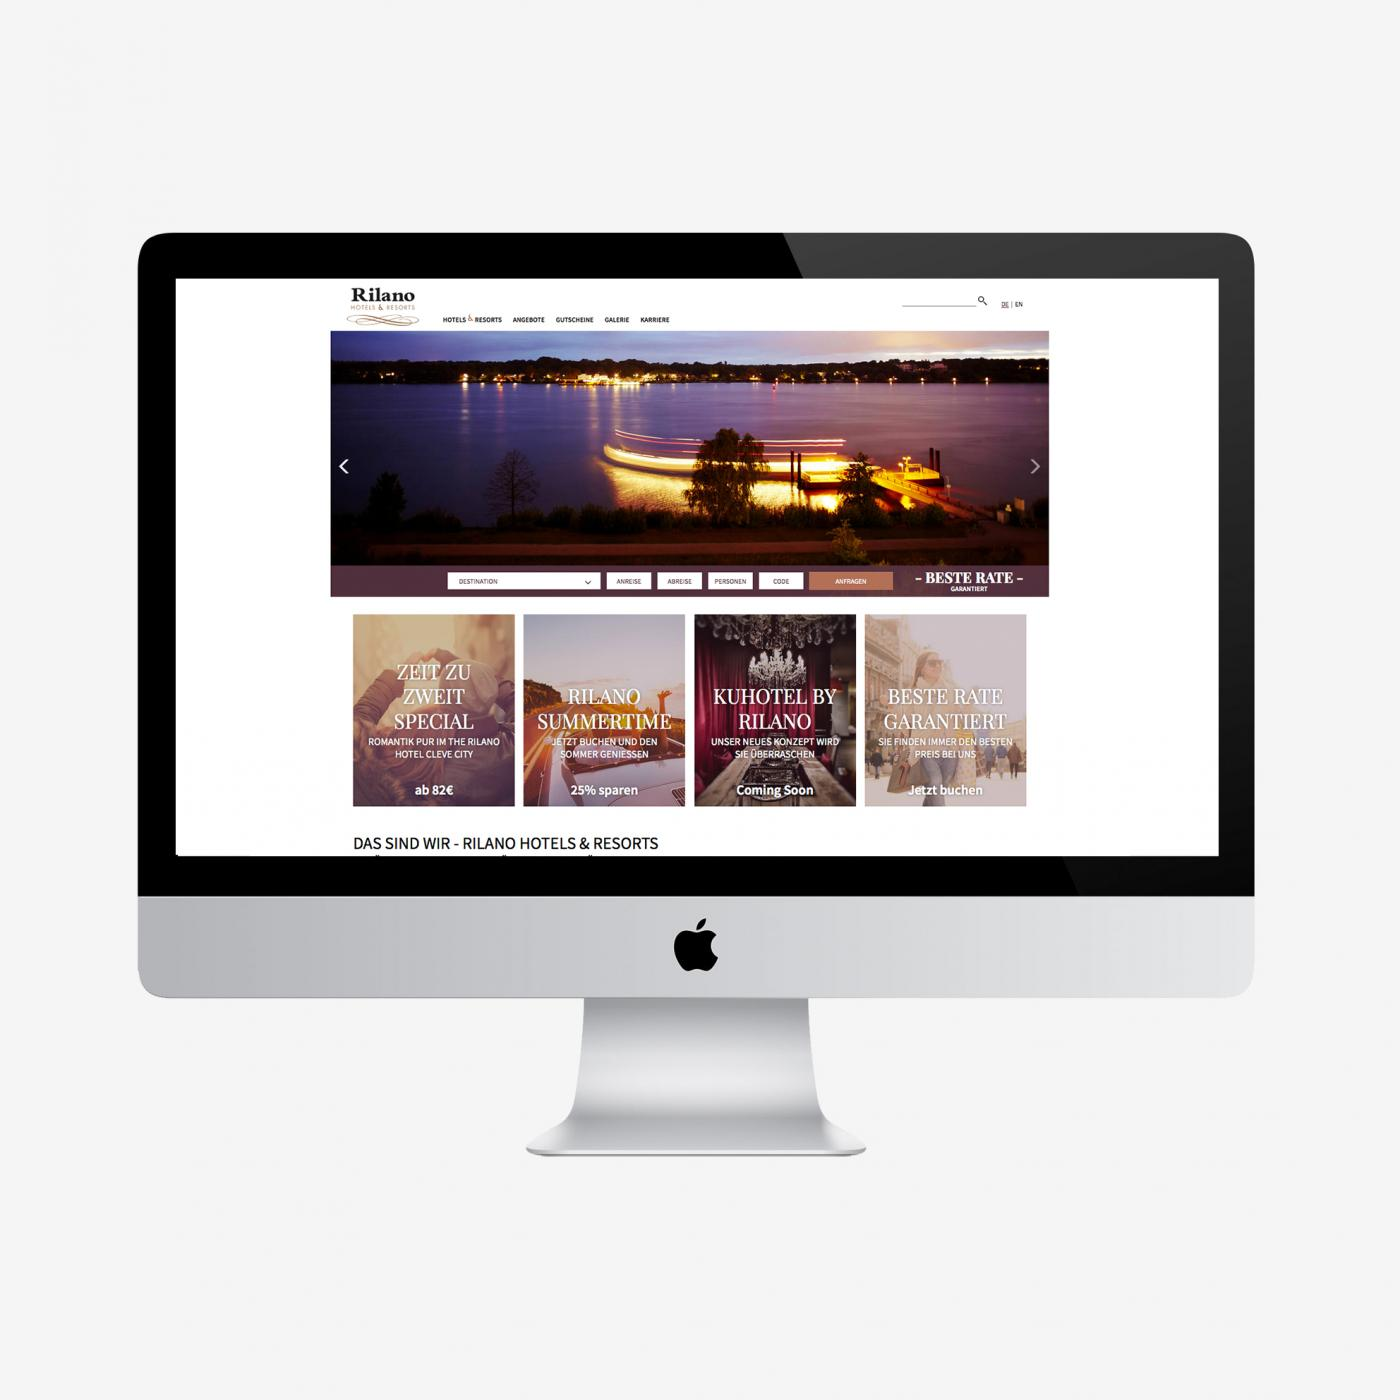 agentur_gronewald_berlin_rilano-website-relaunch